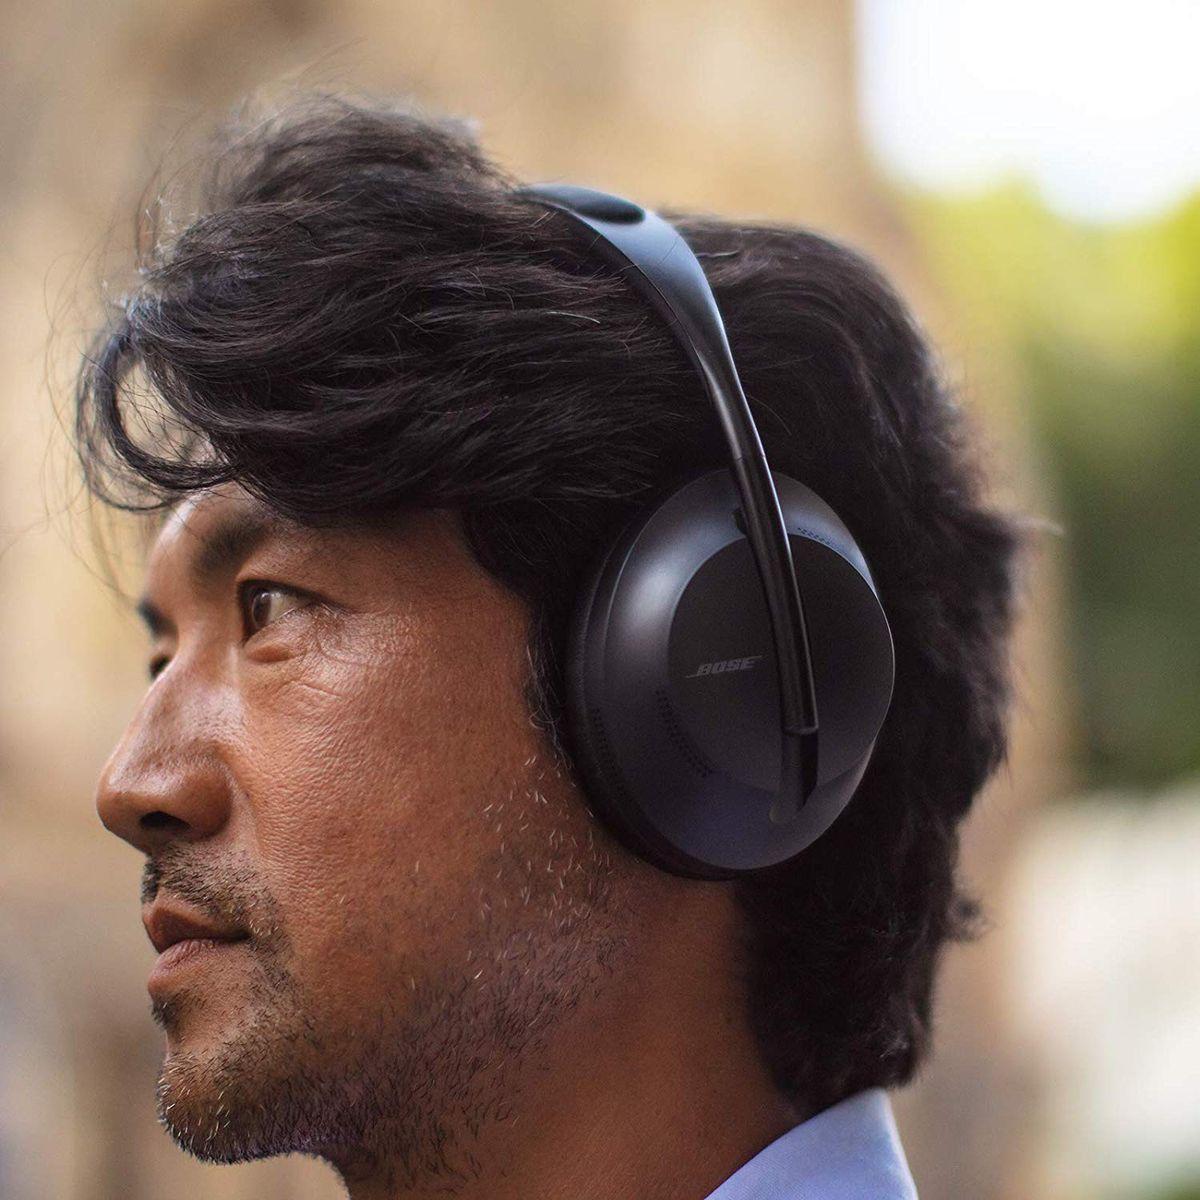 The Best Cheap Headphone Deals in September